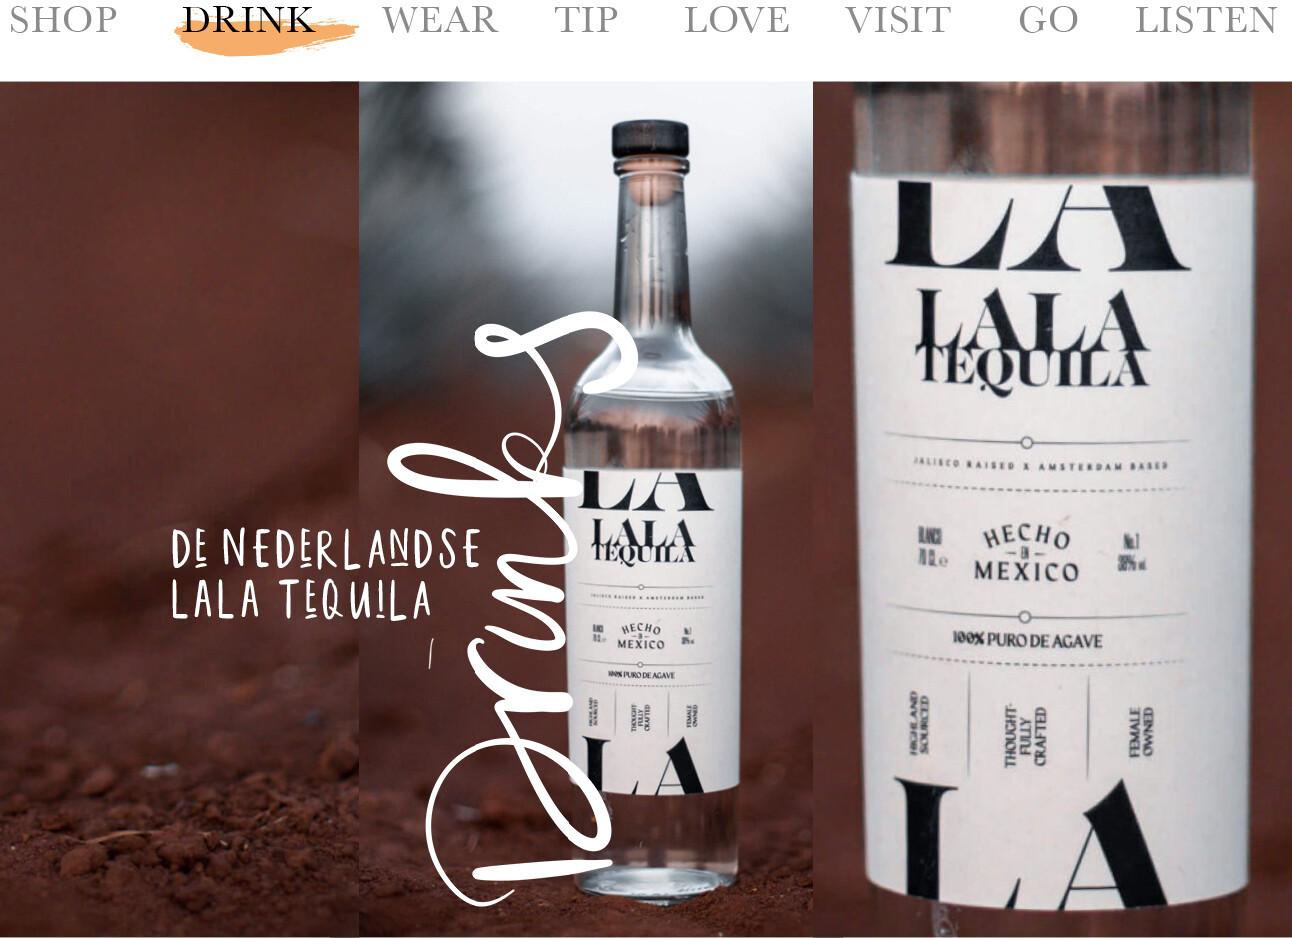 Nederlandse LALA Tequila